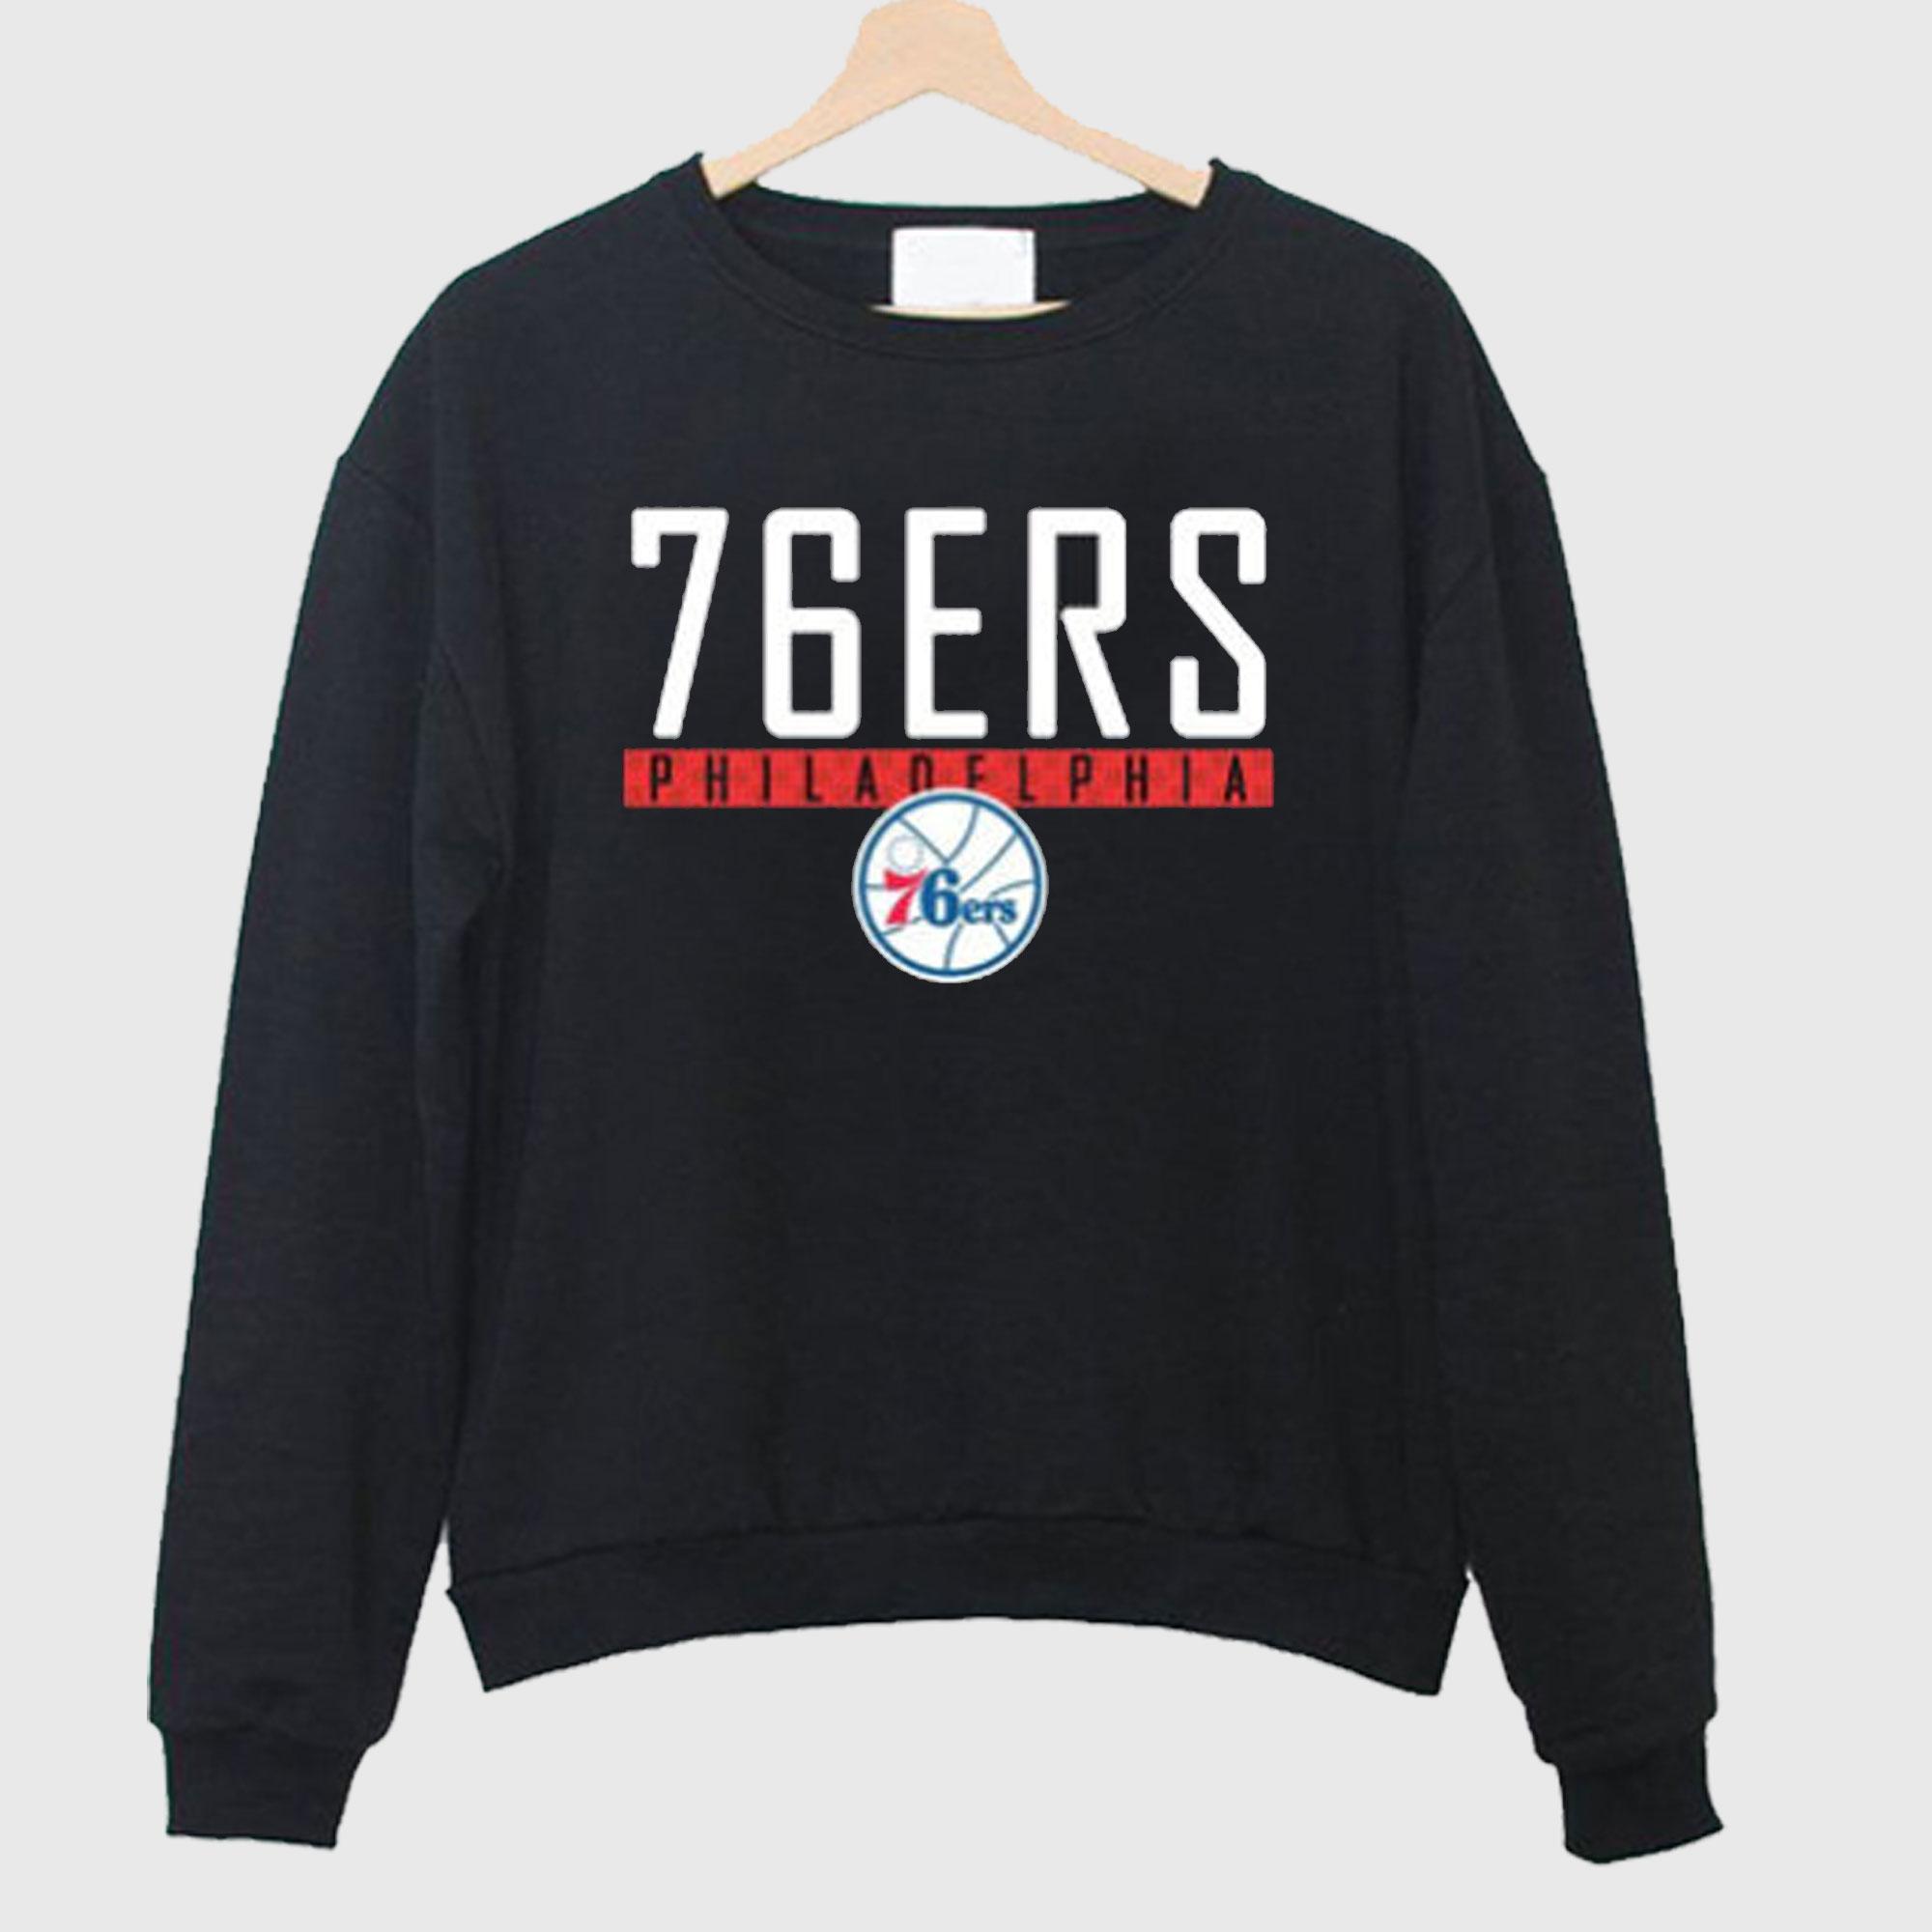 76ers Sweatshirt